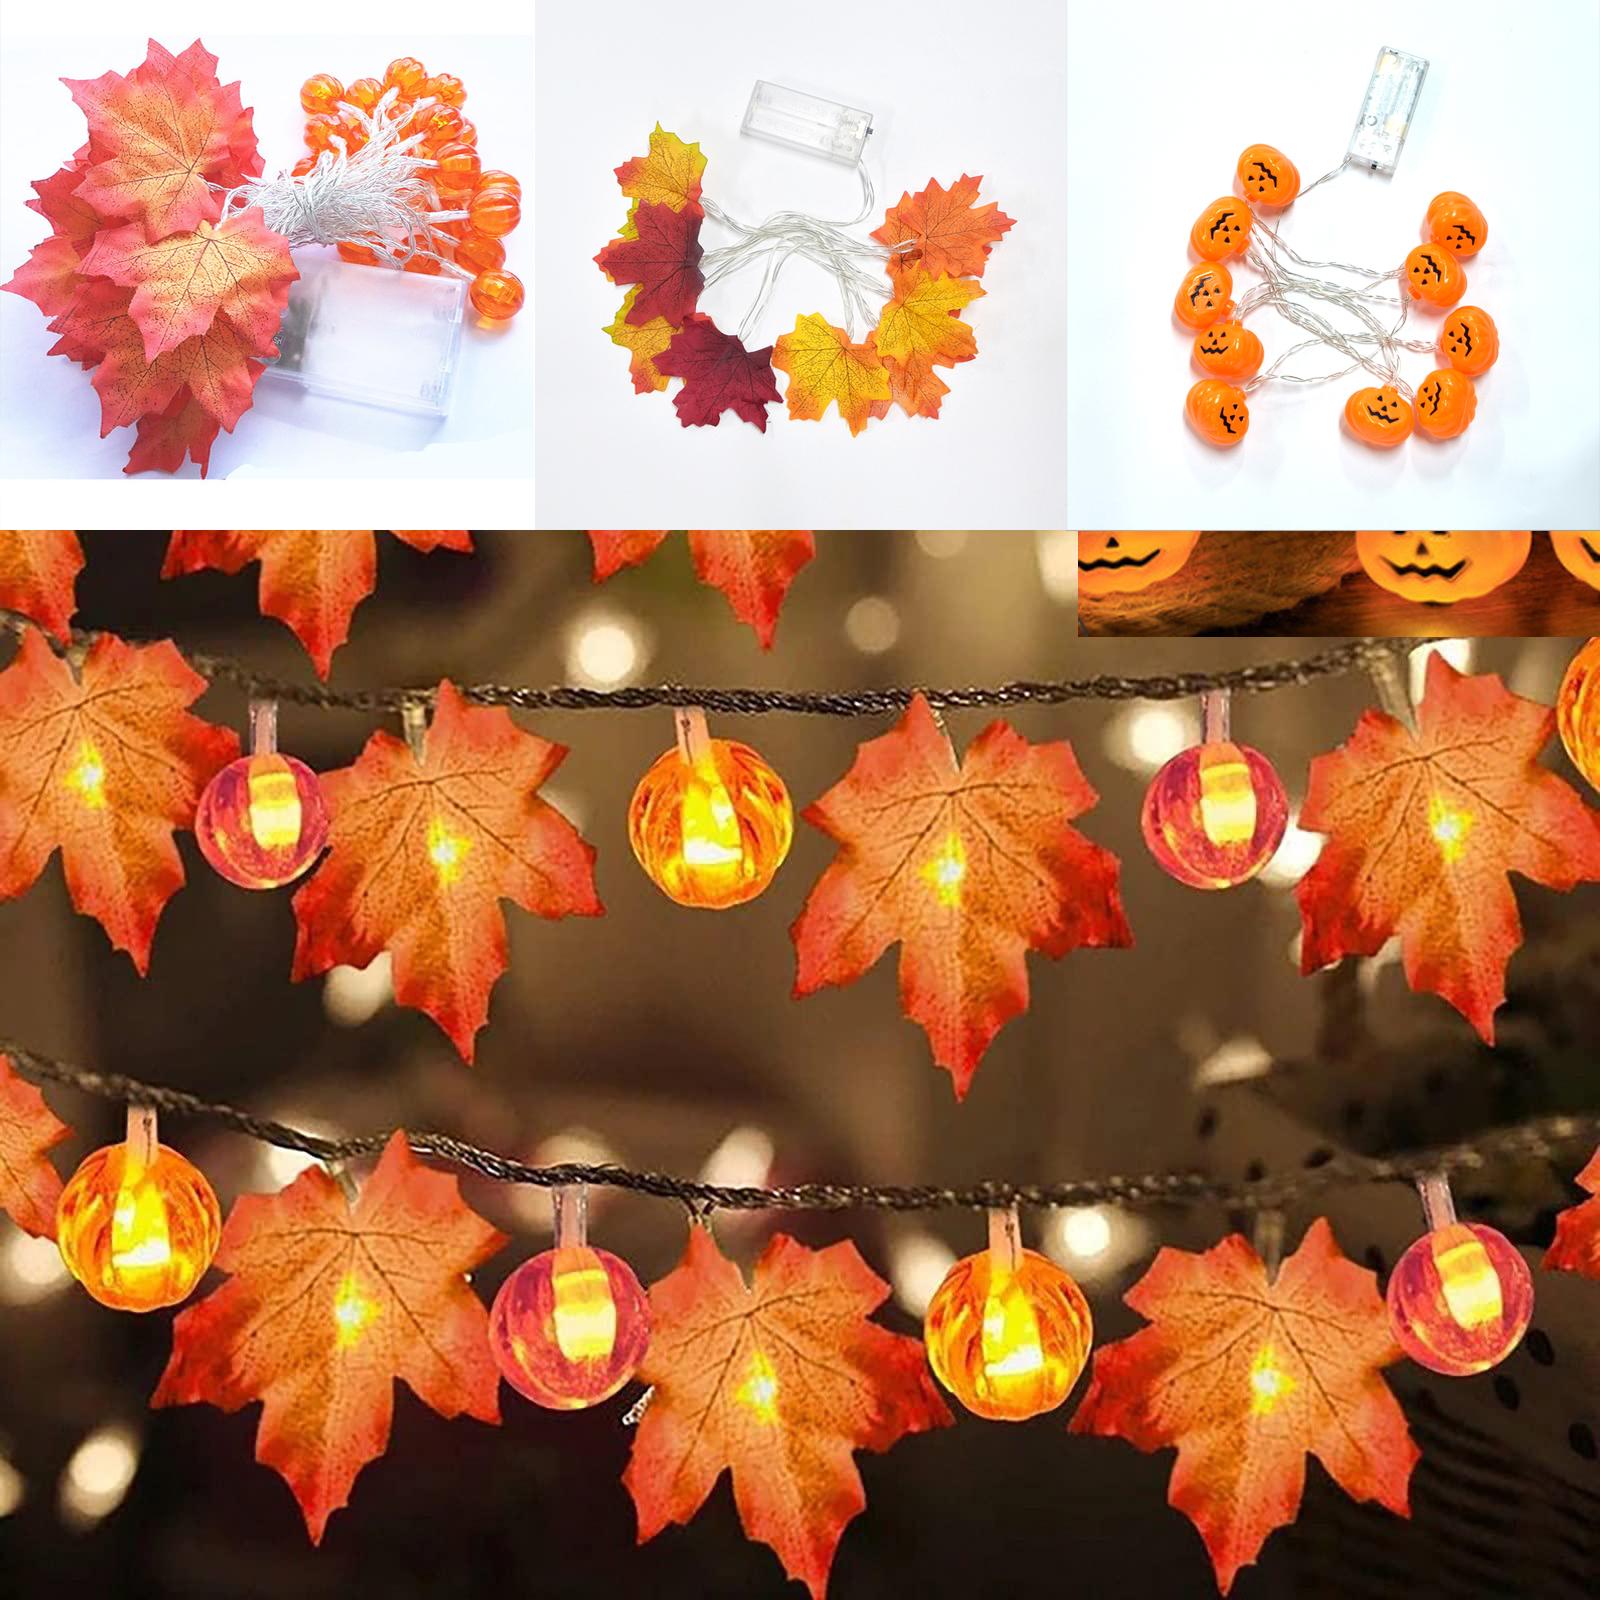 Halloween Decoration Thanksgiving Decor Pumpkin Light, Lighted Garland Battery Garland Home Indoor Outdoor Decor Halloween Maple